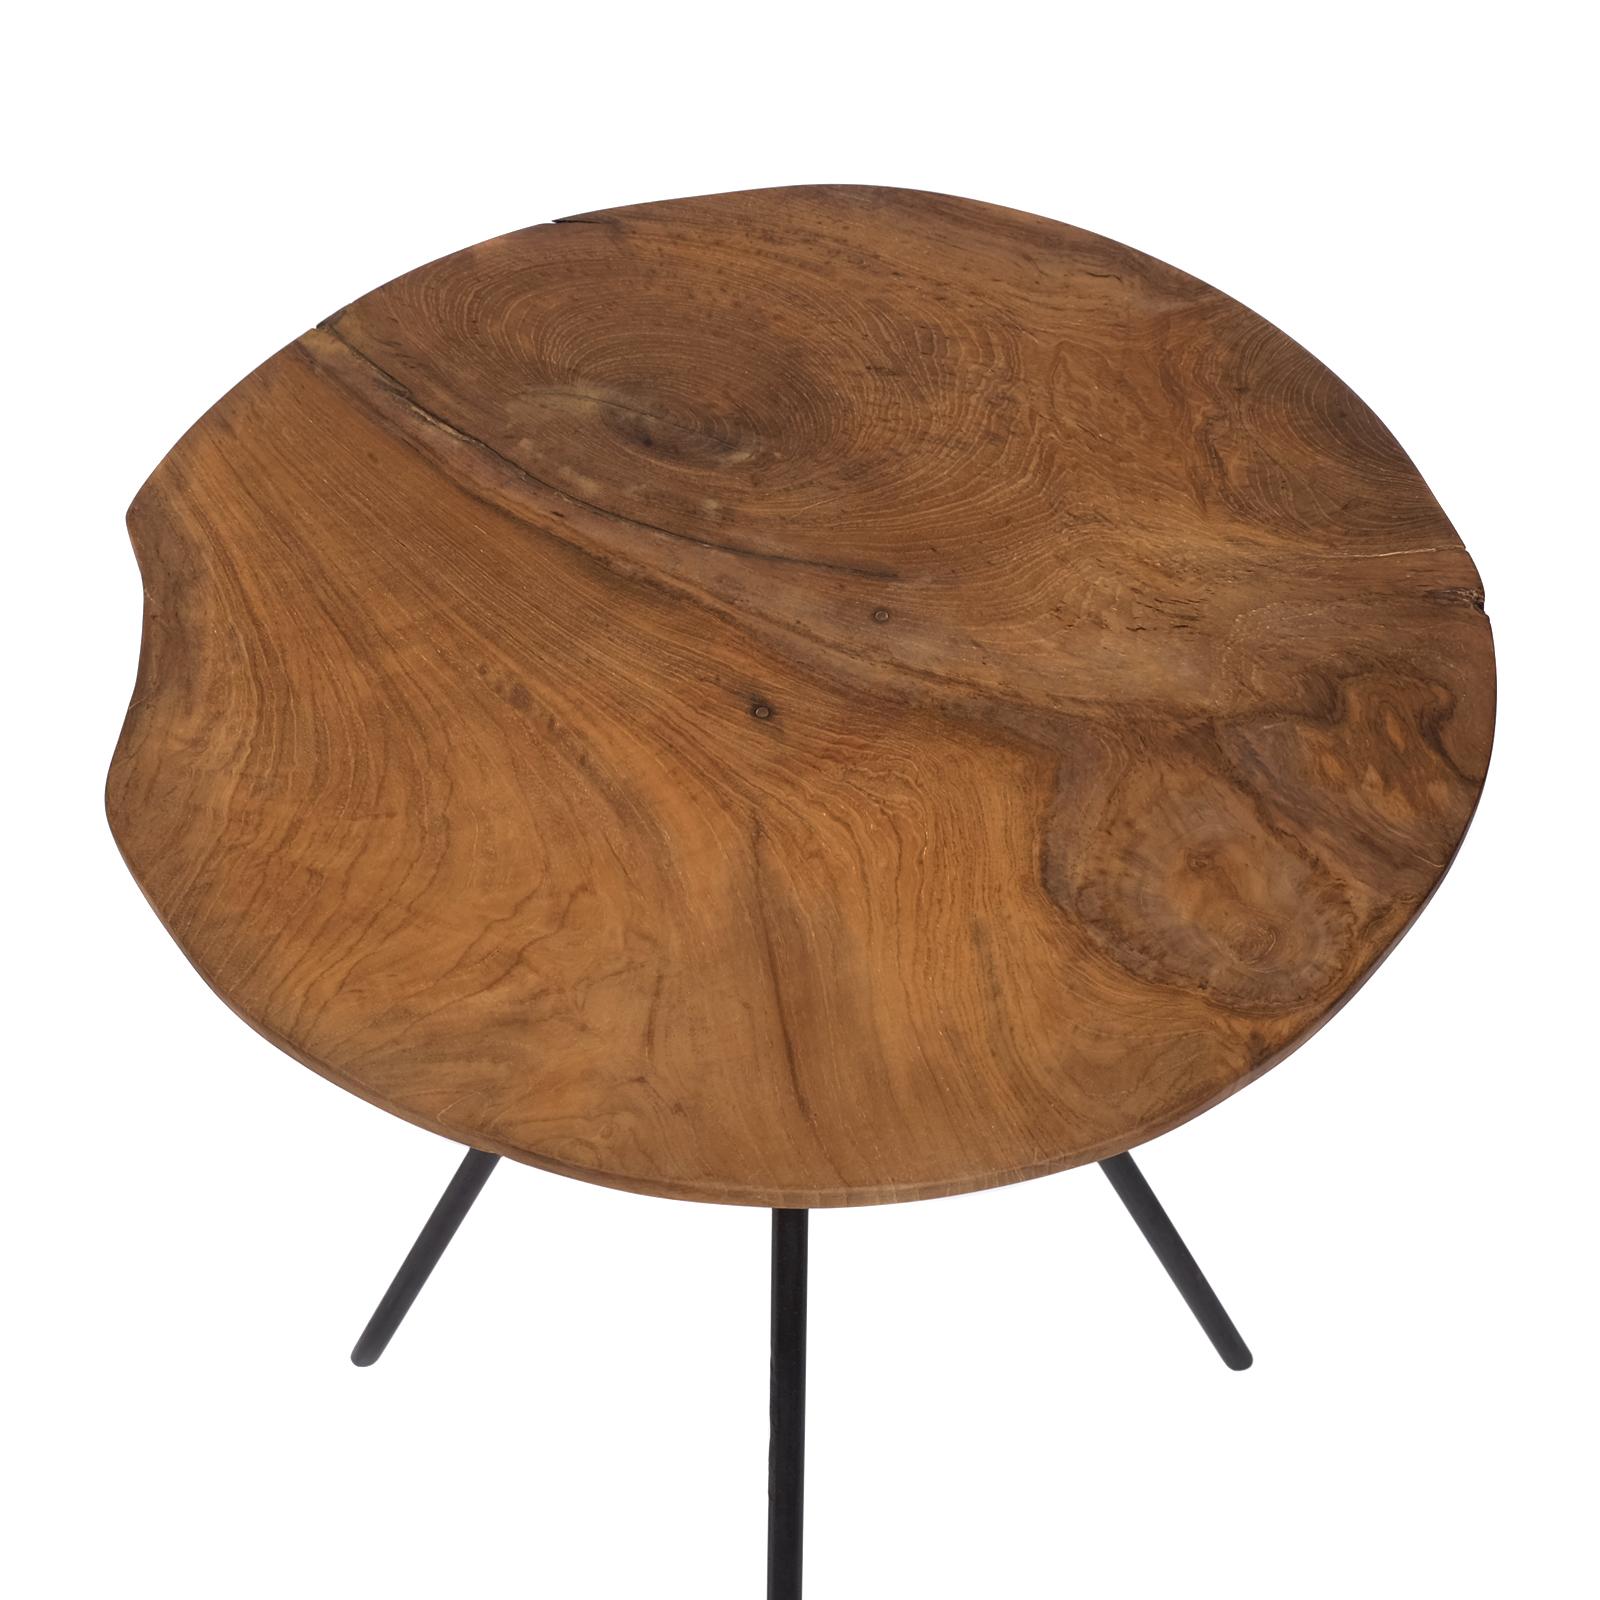 design beistelltisch couchtisch tisch teakholz eisen holz teak rund braun metall ebay. Black Bedroom Furniture Sets. Home Design Ideas